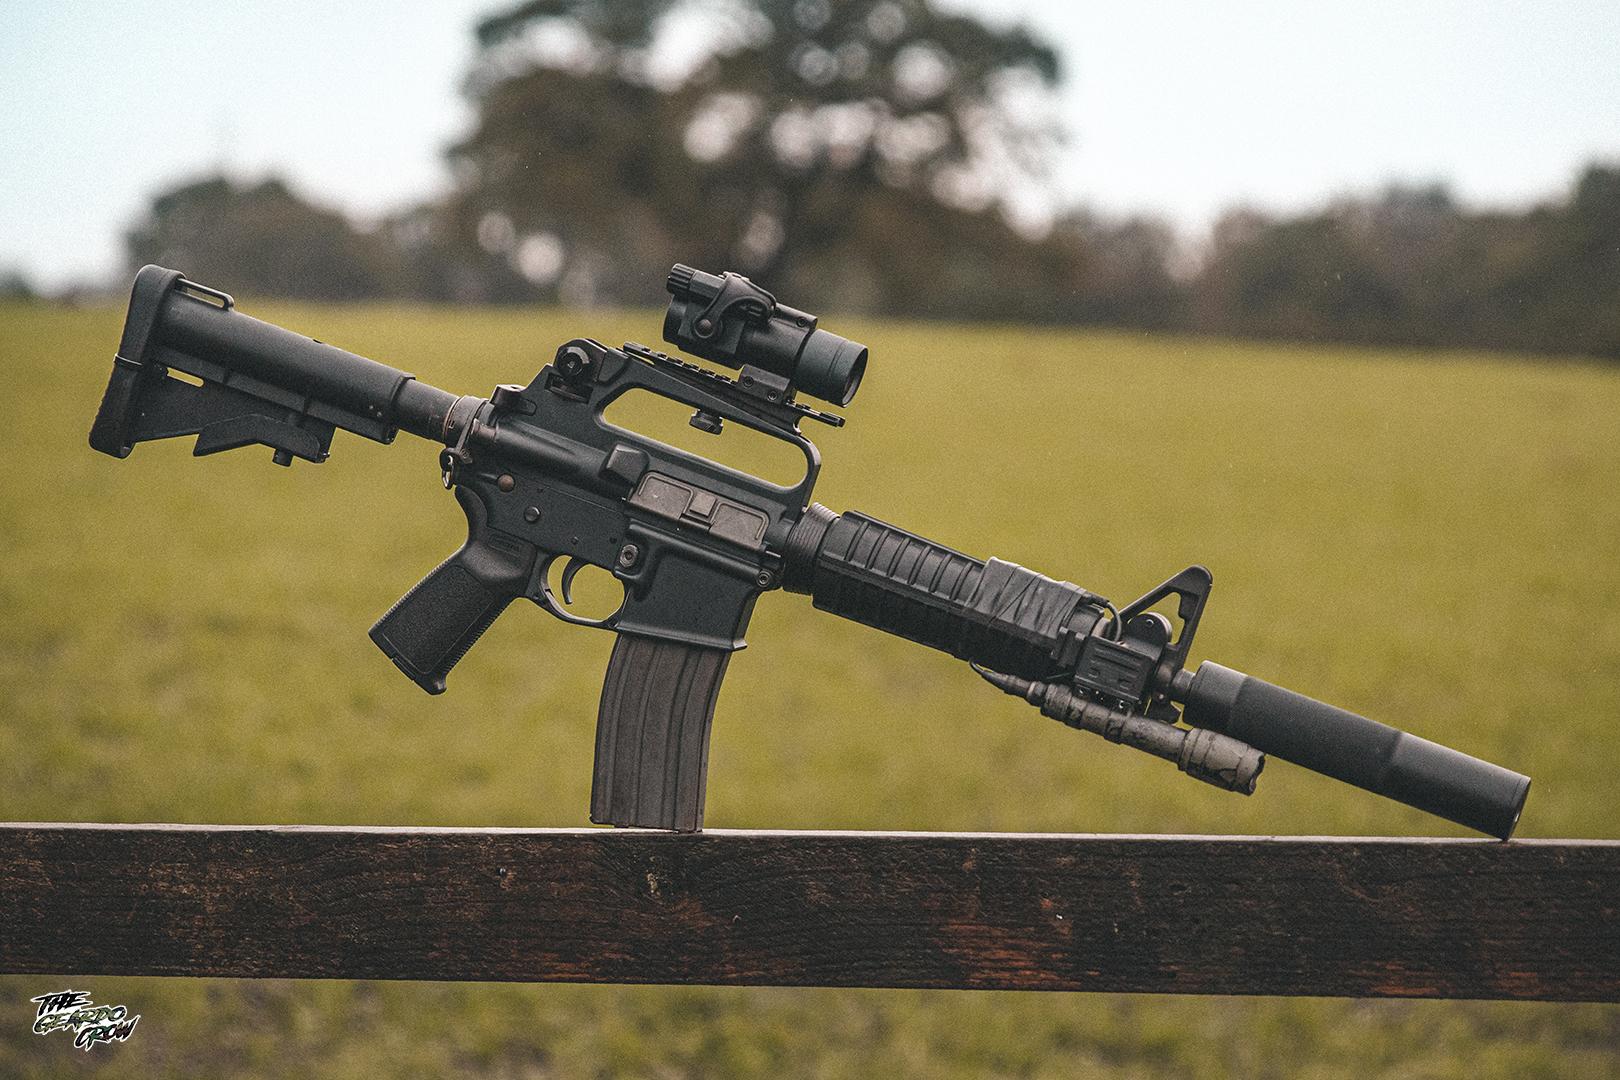 Systema PTW modern Gordy Rifle